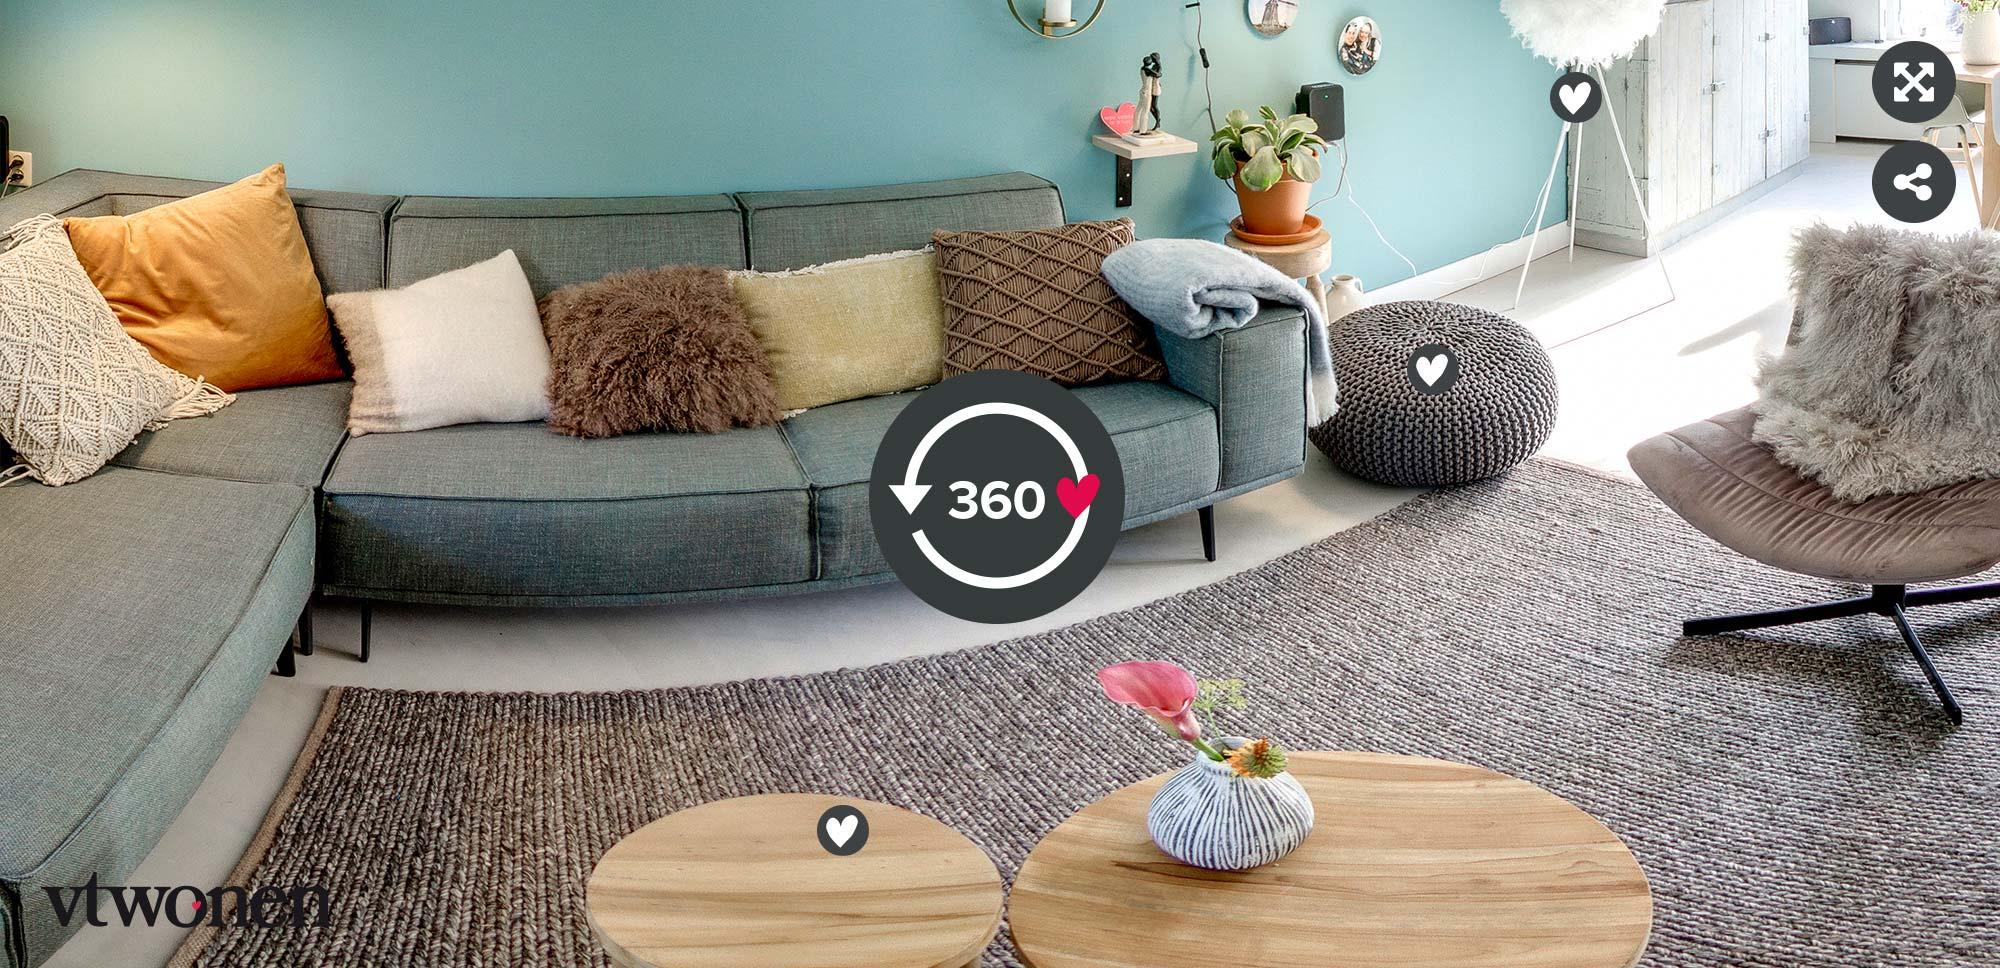 360 tour: weer verliefd op je huis aflevering 6 seizoen 9